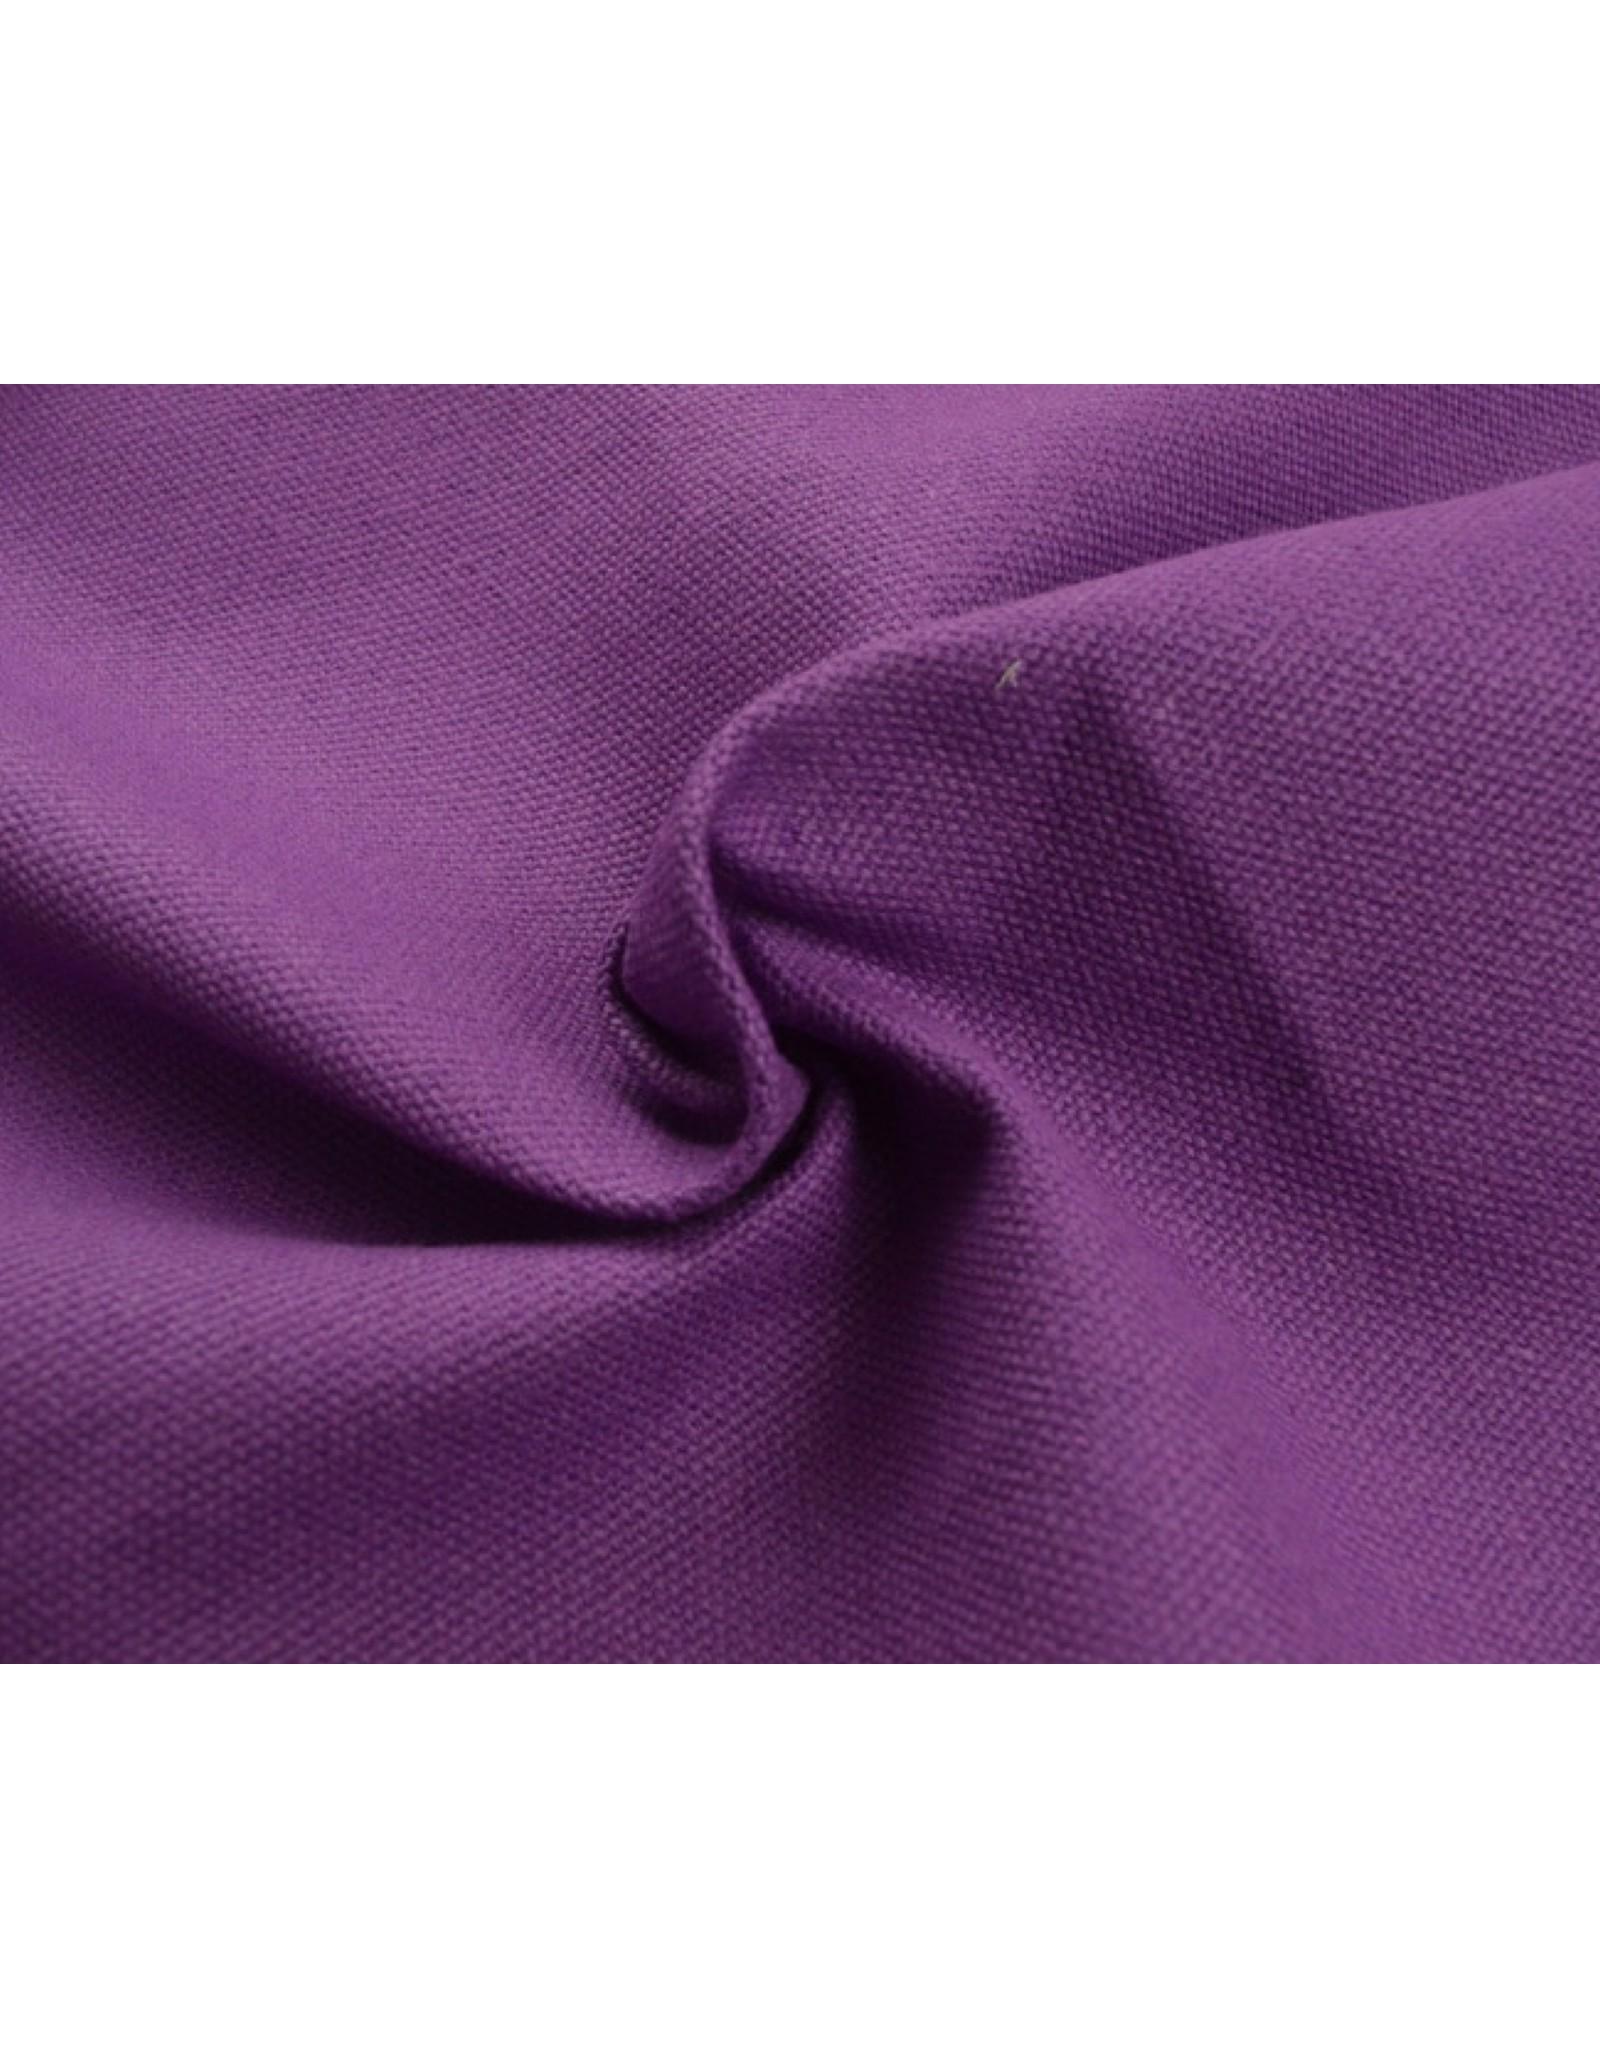 Canvas fabric Uni - Cassis (350 gr/m)